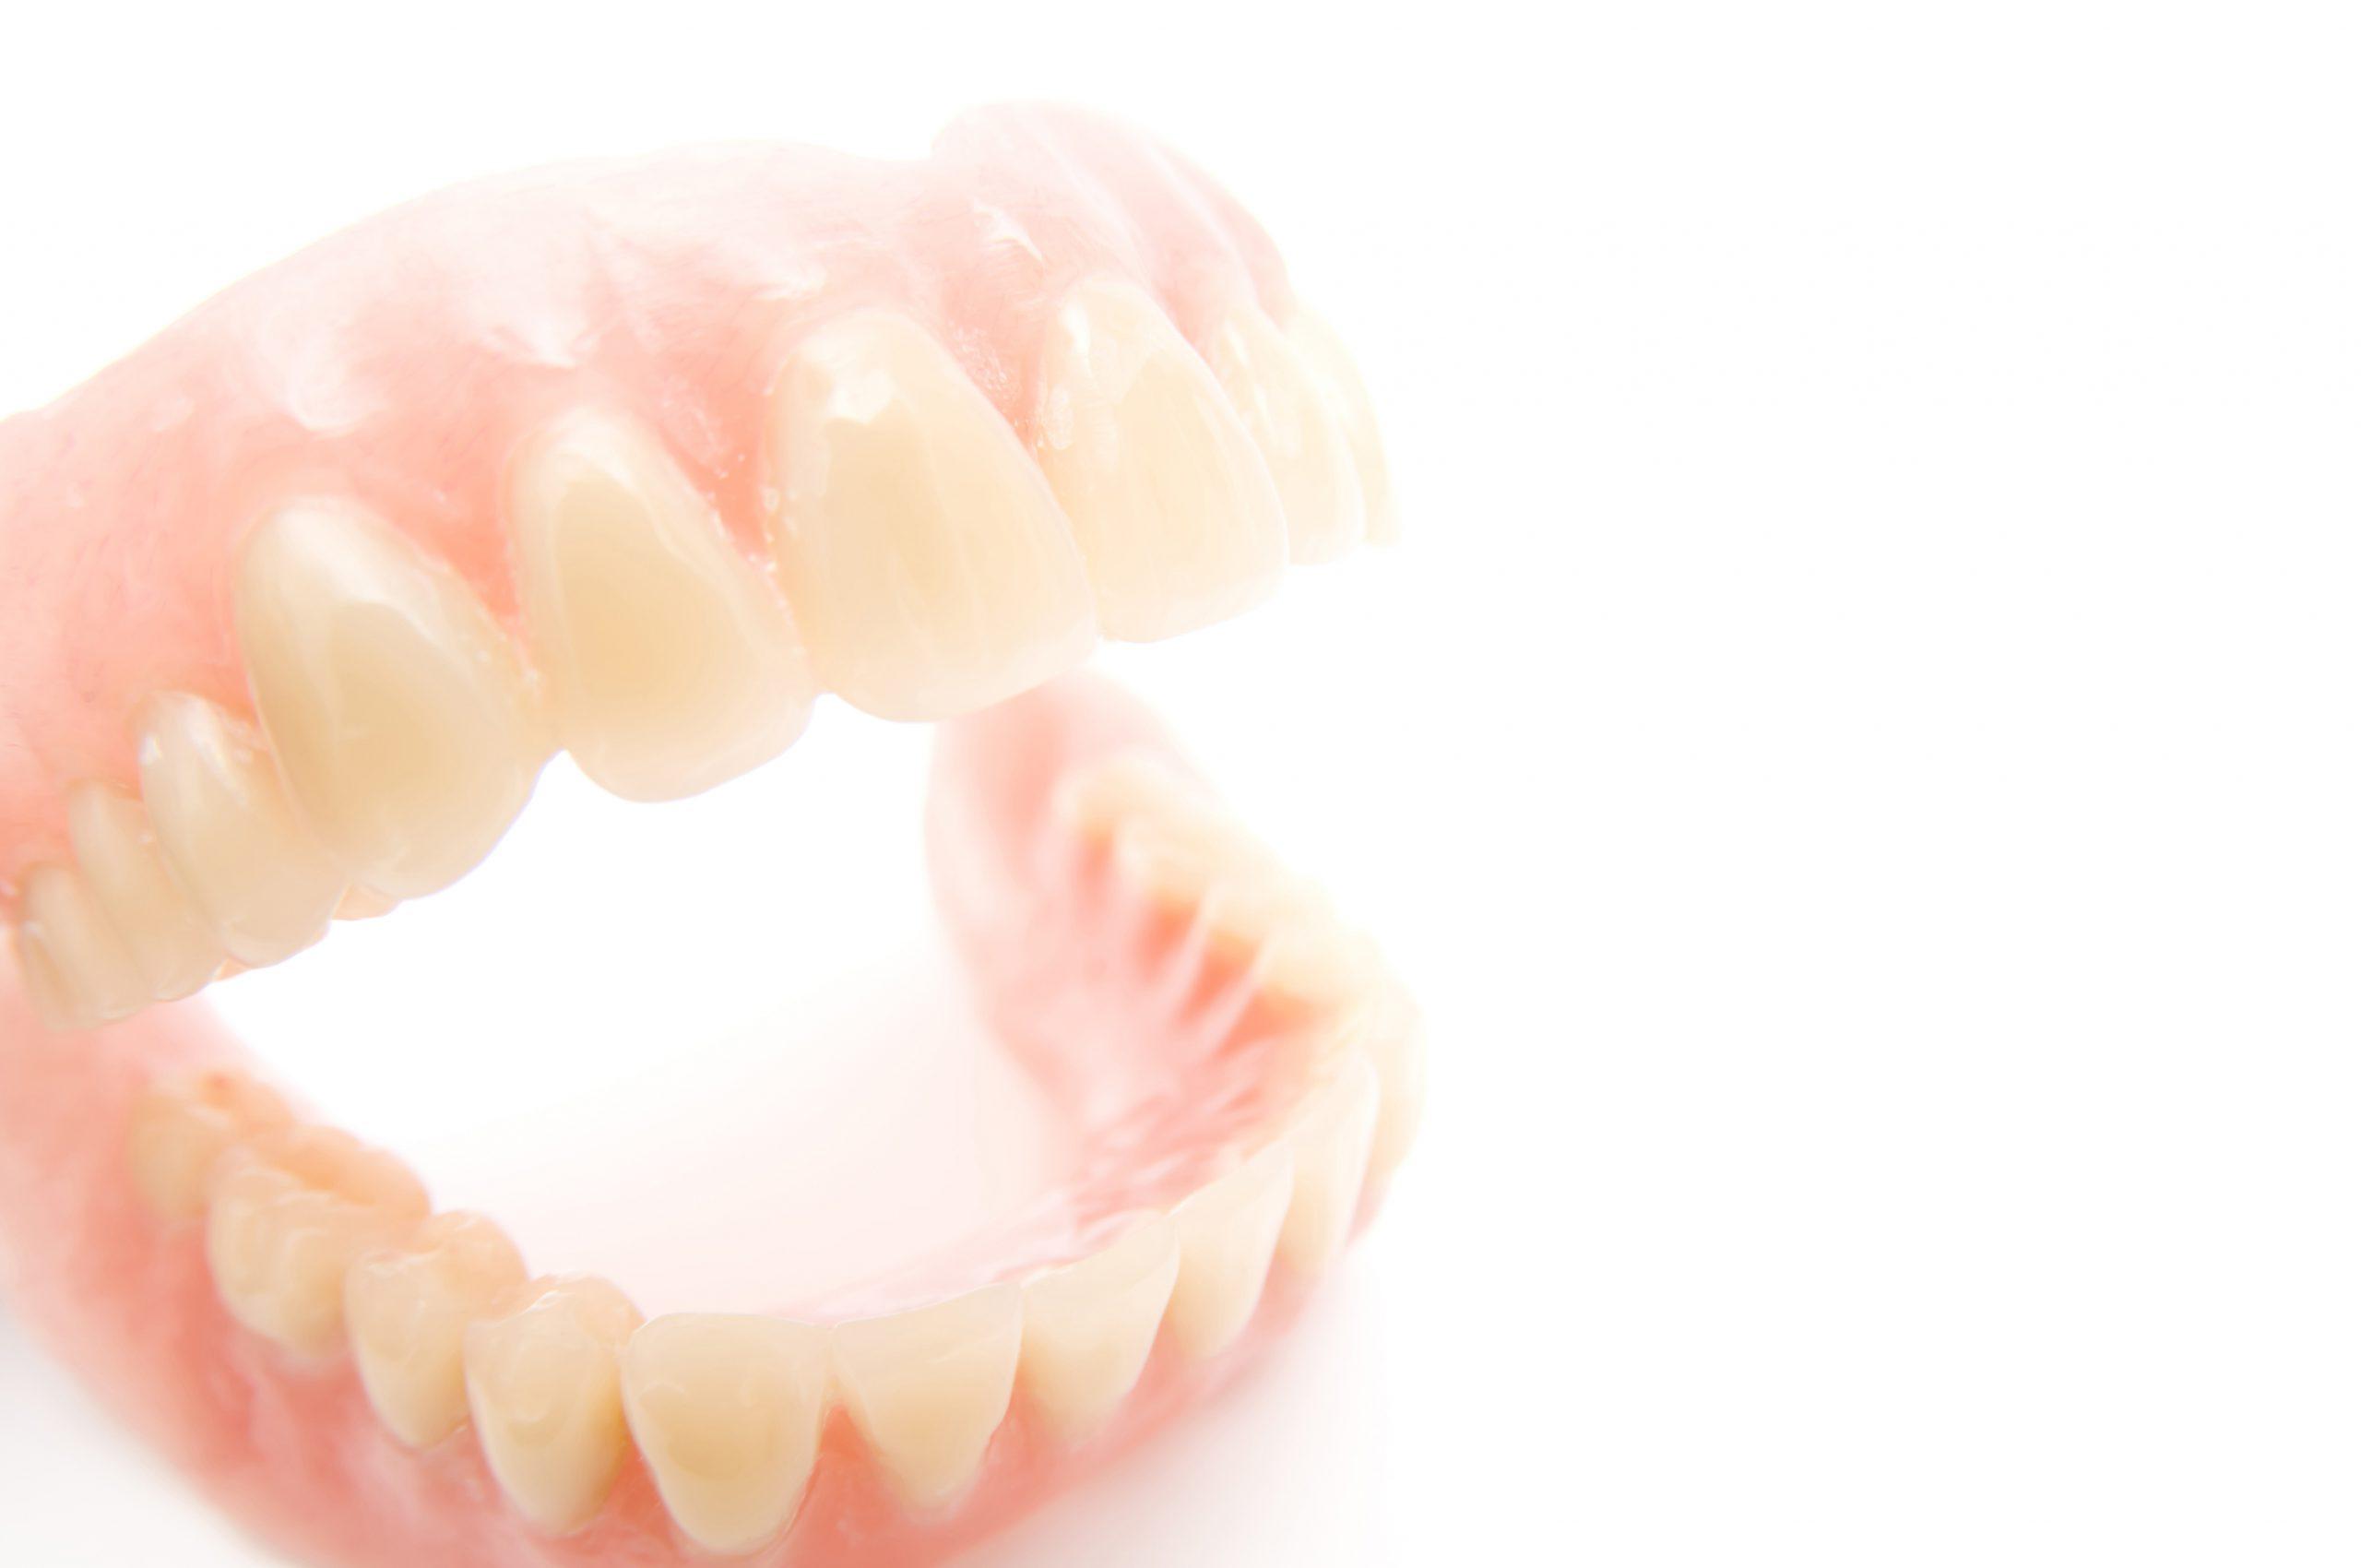 義歯(入れ歯):1本でも部分入れ歯を作れます